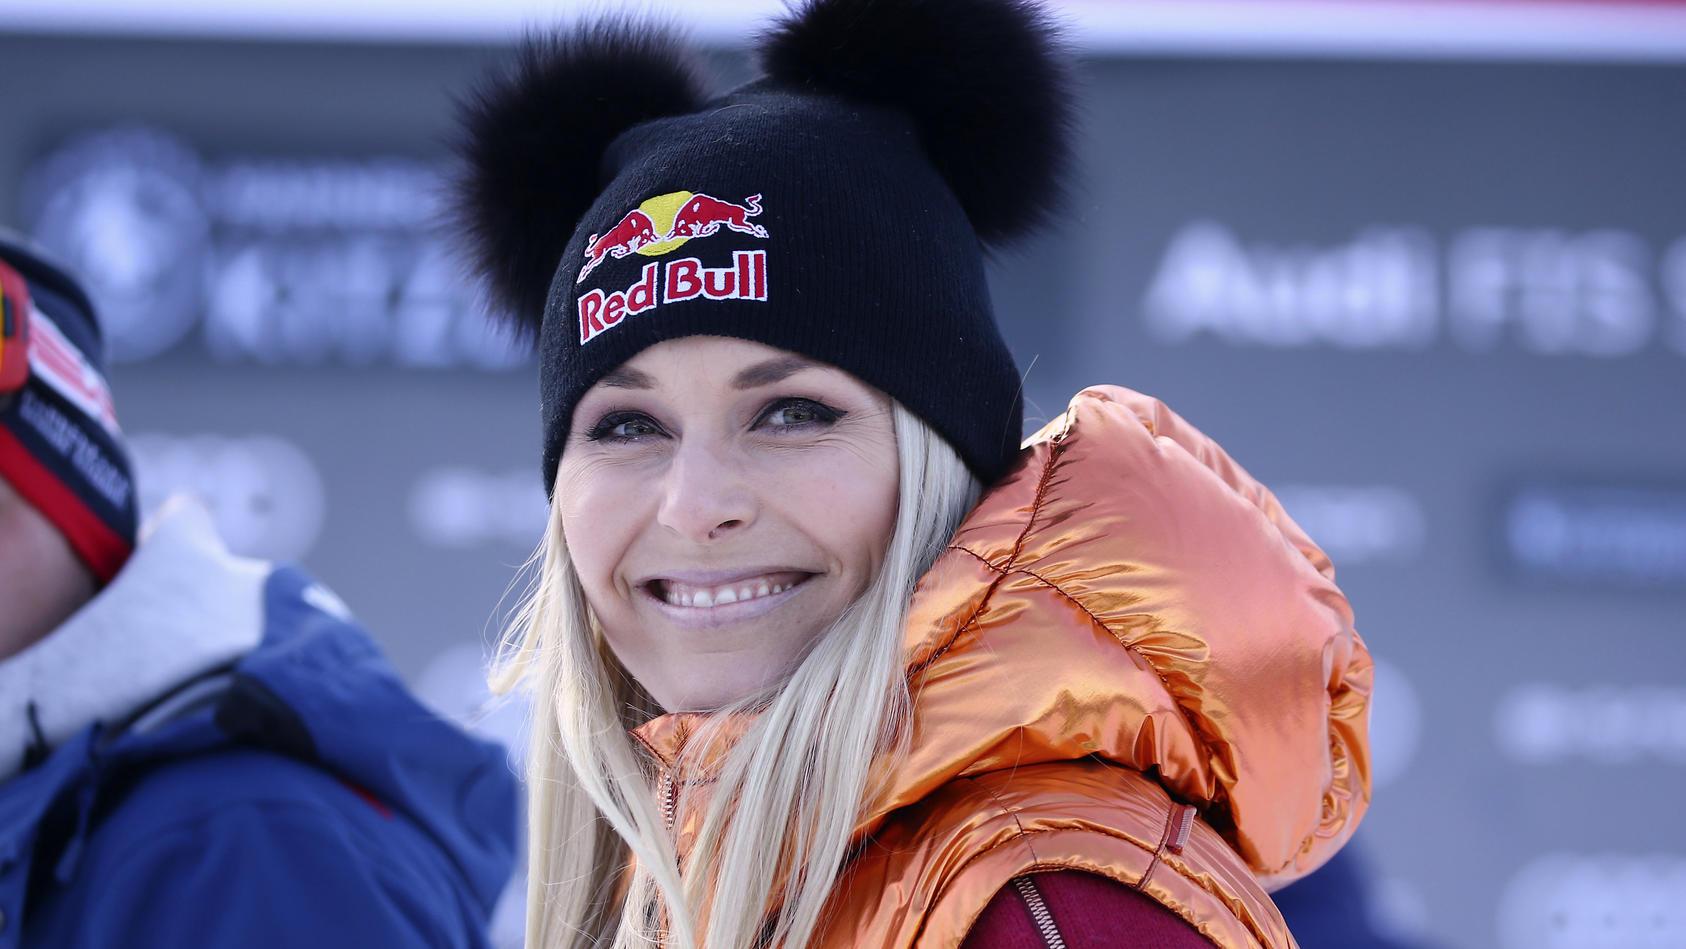 Für die ehemalige Weltklasse-Skirennfahrerin Lindsey Vonn ist die Corona-Pandemie nach eigenen Angaben ein Glücksfall.